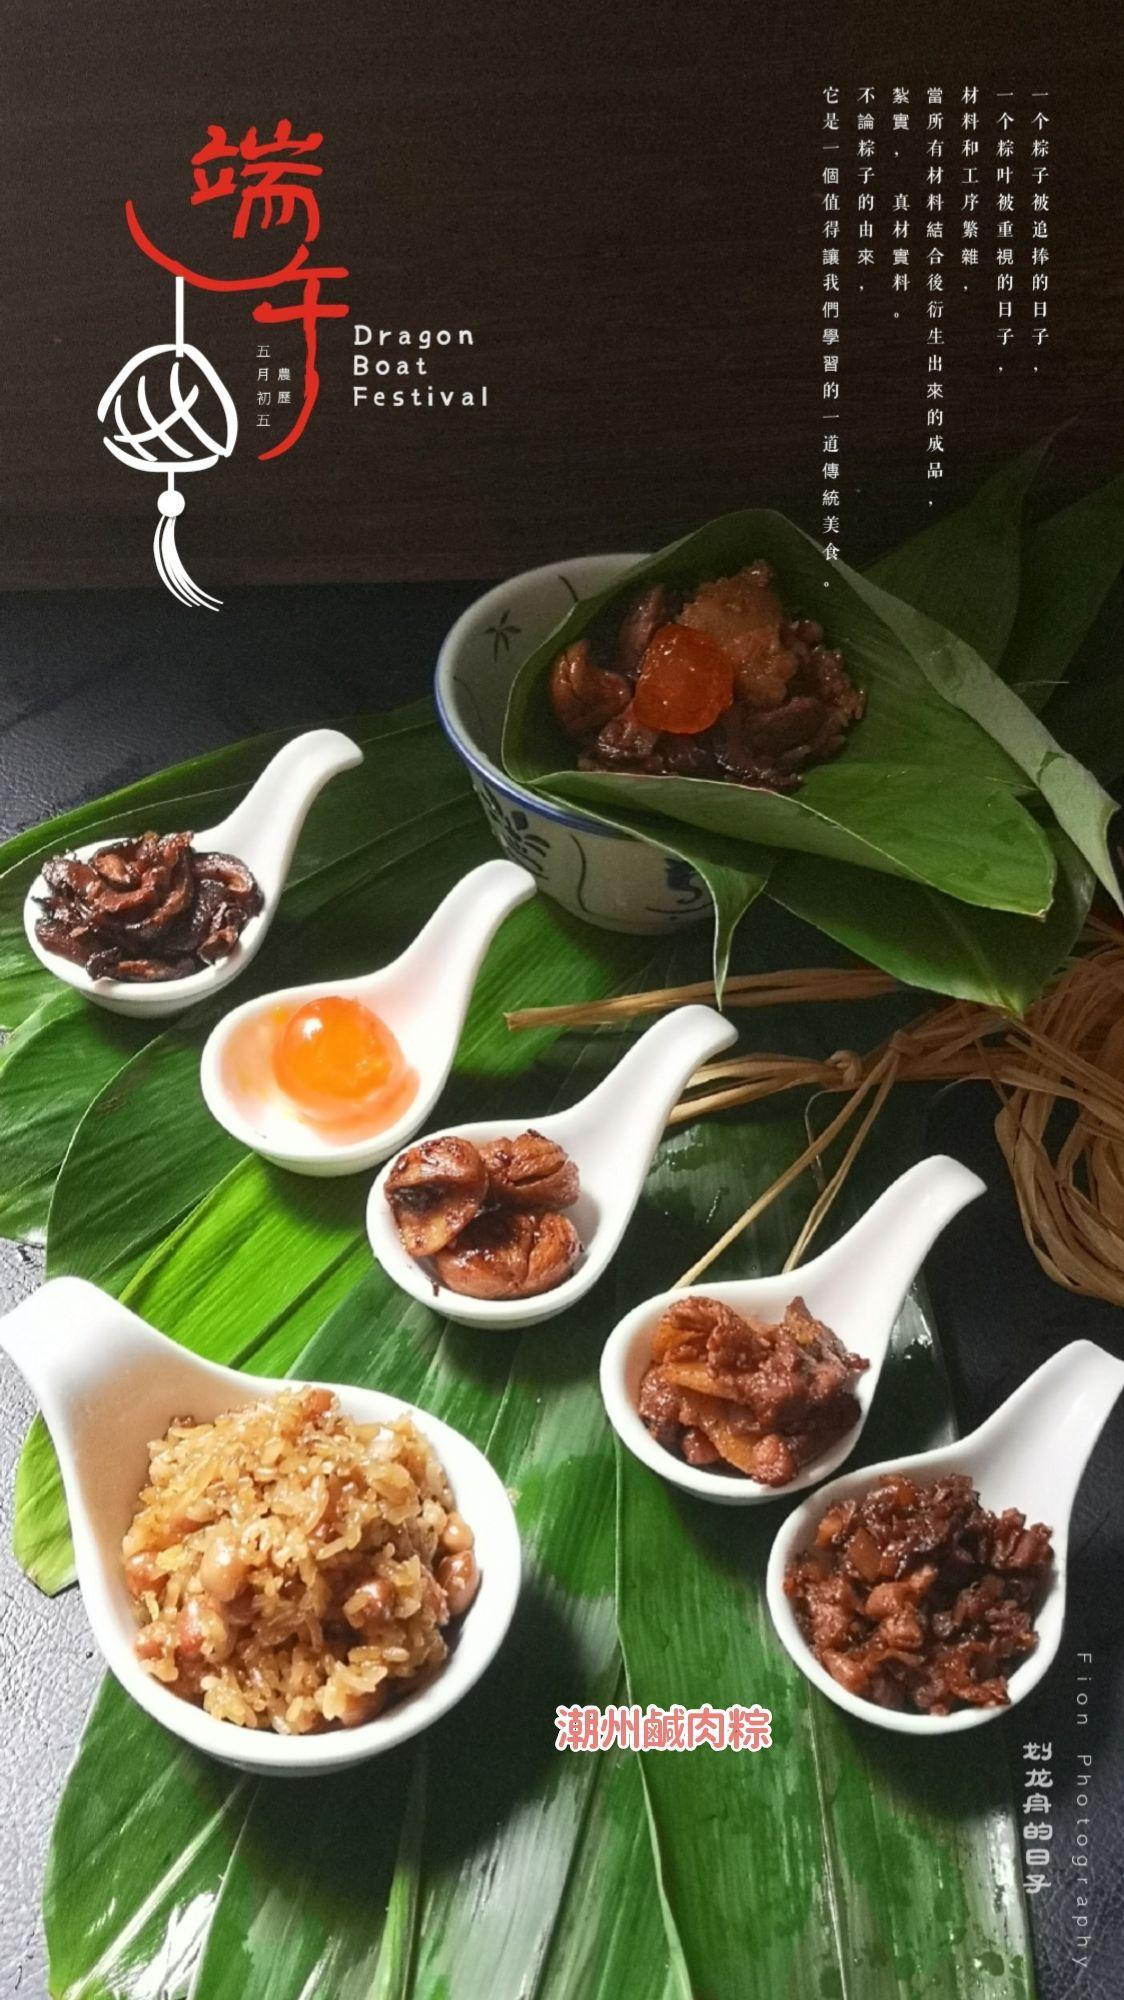 #端午節 #粽子 #鹹肉粽 #潮州粽子#zongzi